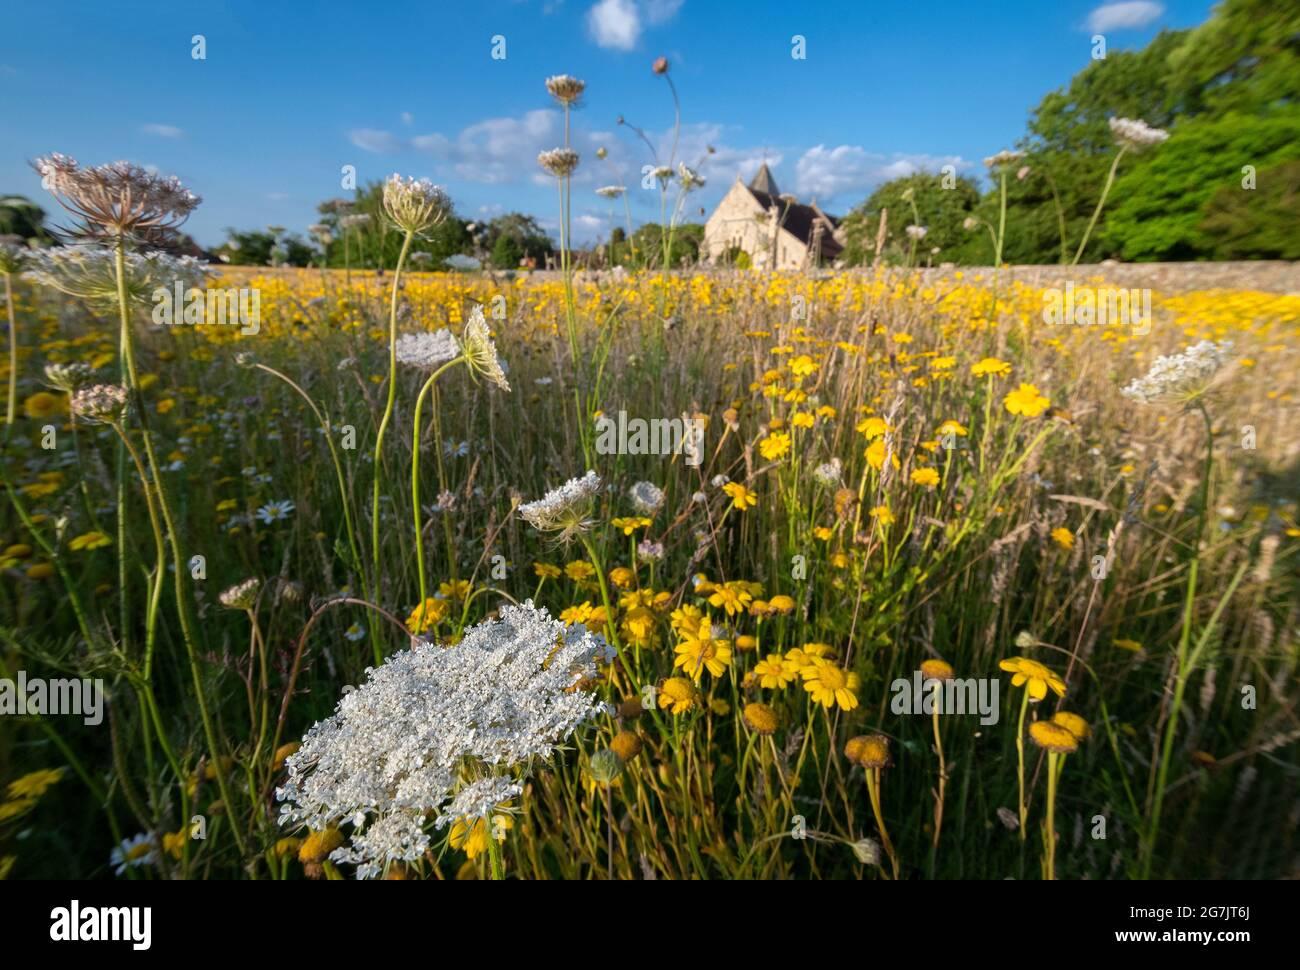 Nouvelle prairie de fleurs sauvages dans un ancien champ à West Wittering, Chichester, West Sussex, Angleterre Banque D'Images